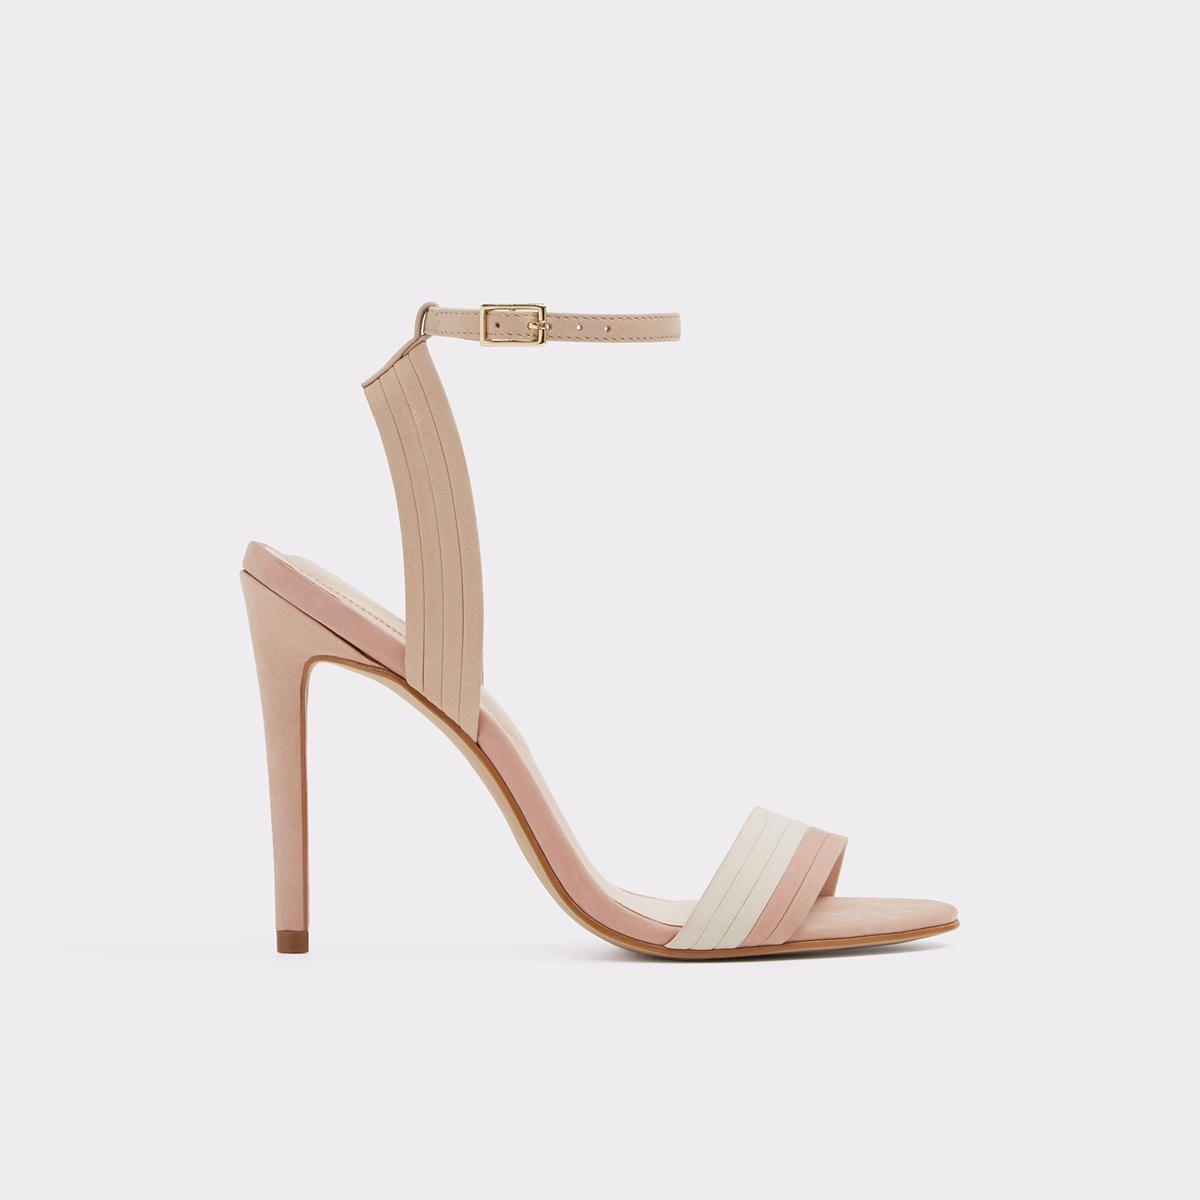 95589e16d51 Kaenavia Bone Nubuck Women s Sandals